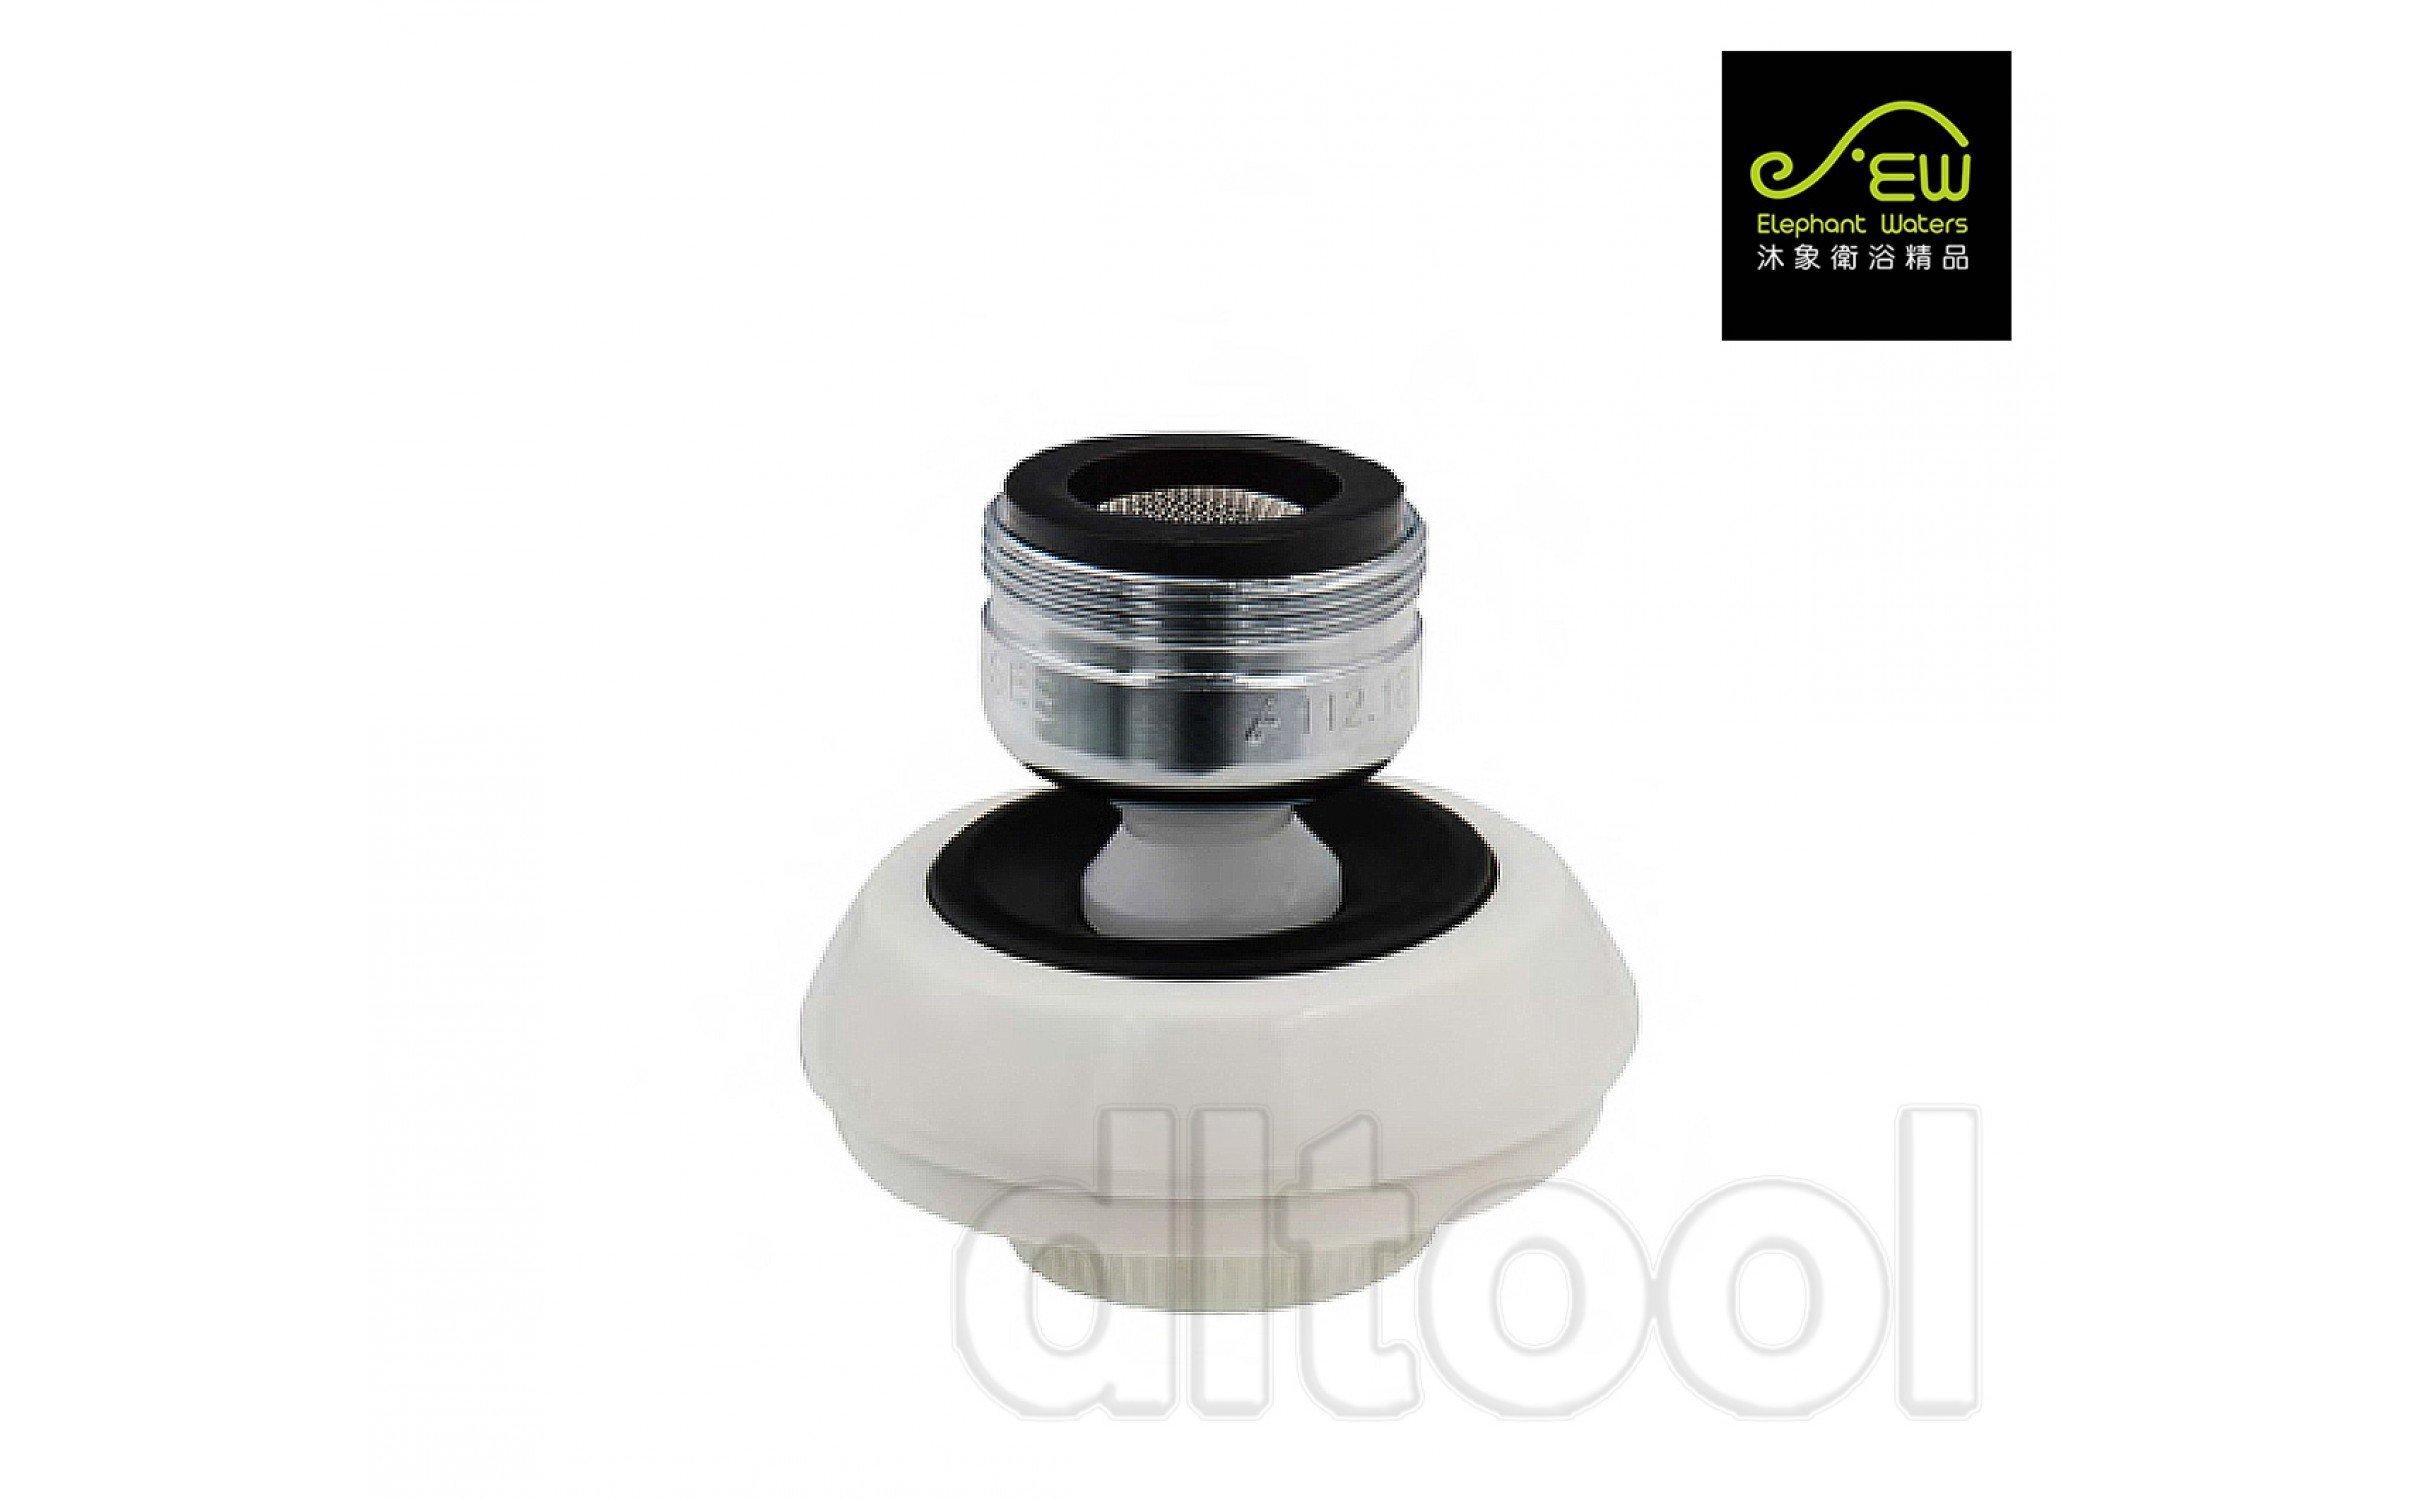 達利商城  沐象 衛浴 360度 二段式 節水器 起泡器 內外牙水龍頭 節能省水好幫手